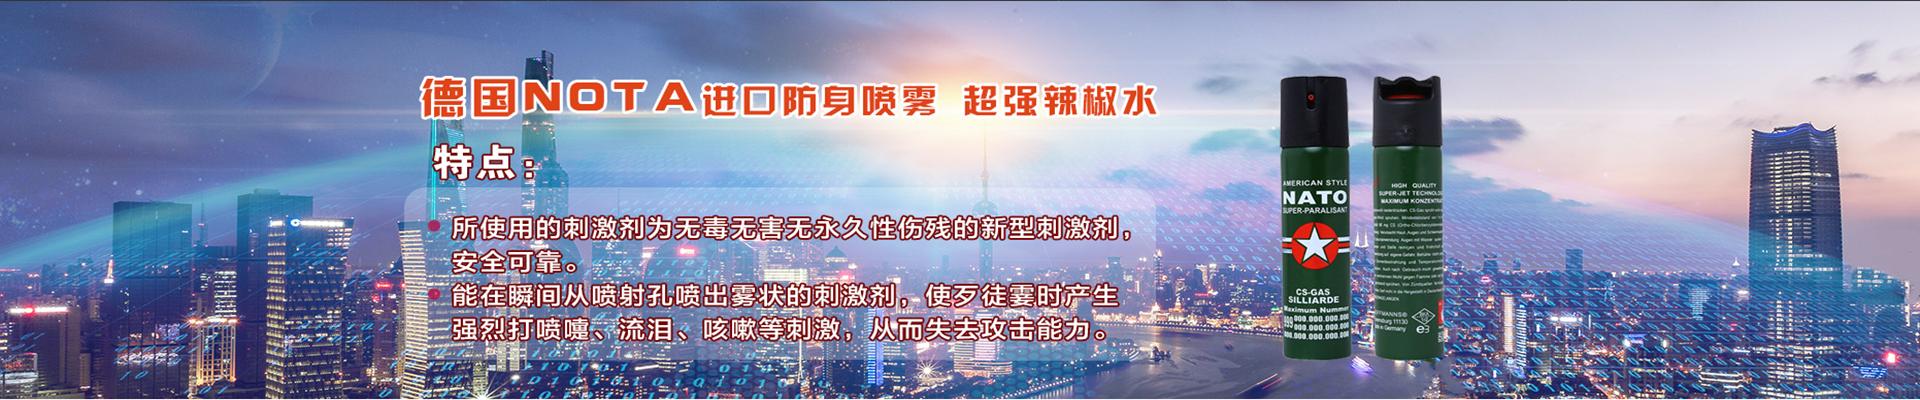 广州安保器材,安保器材专卖,广州安保器材专卖店